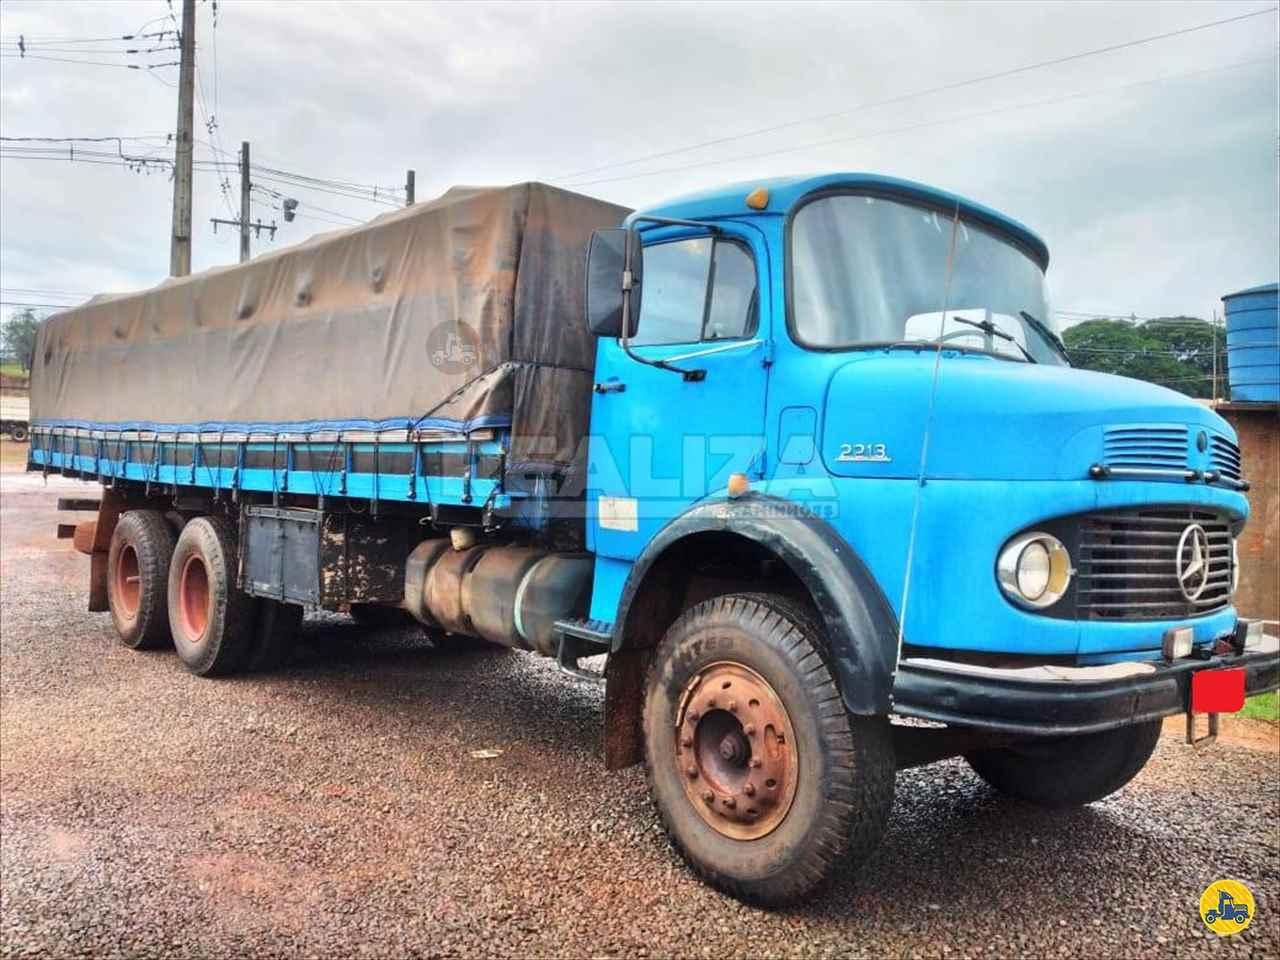 CAMINHAO MERCEDES-BENZ MB 2213 Graneleiro Truck 6x2 Realiza Caminhões - Umuarama UMUARAMA PARANÁ PR